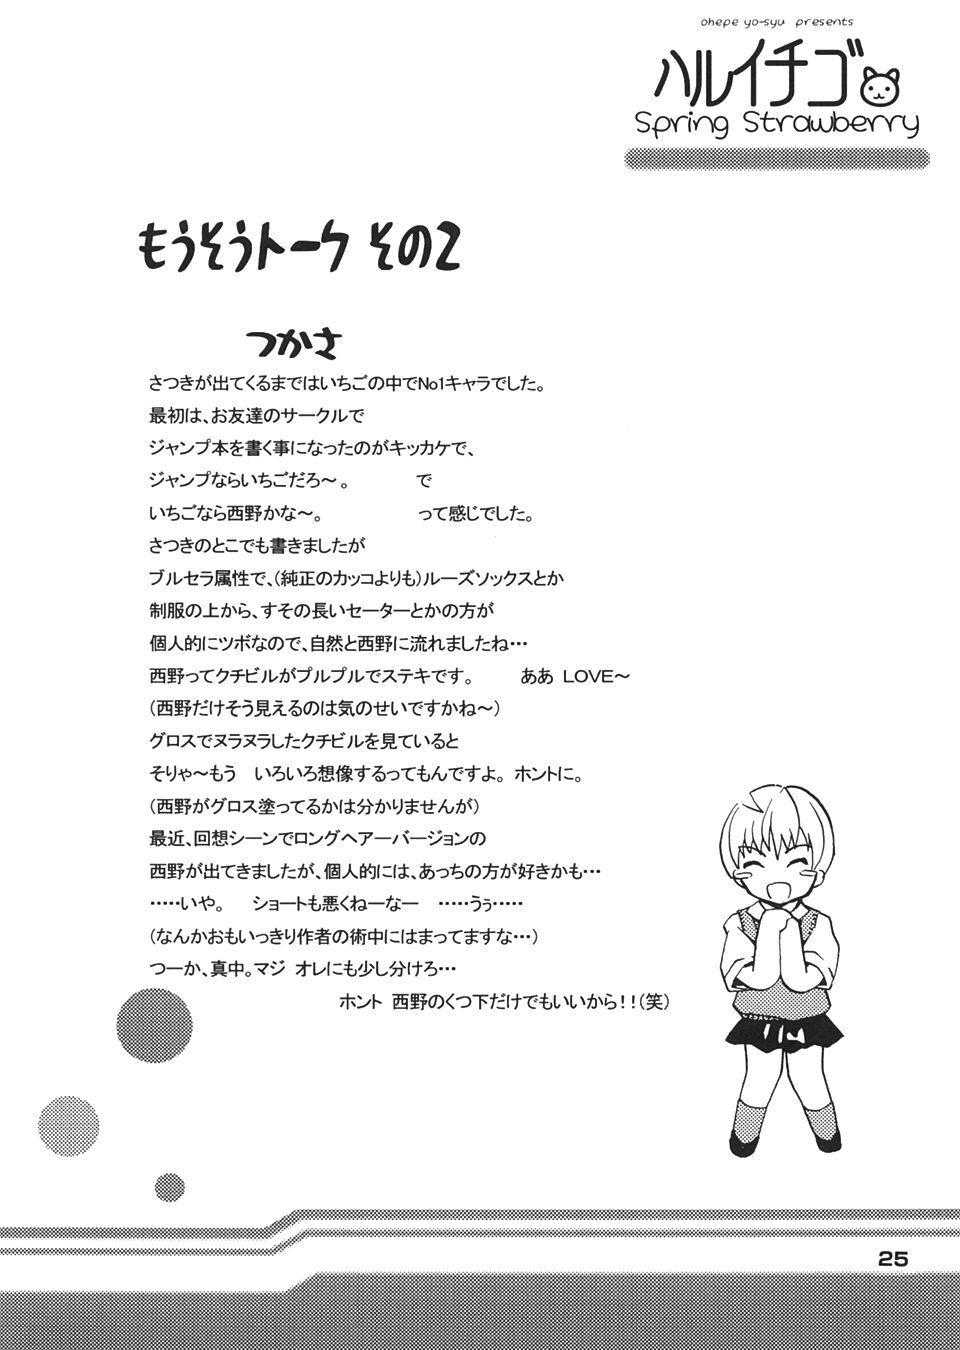 Haru Ichigo - Spring Strawberry 23